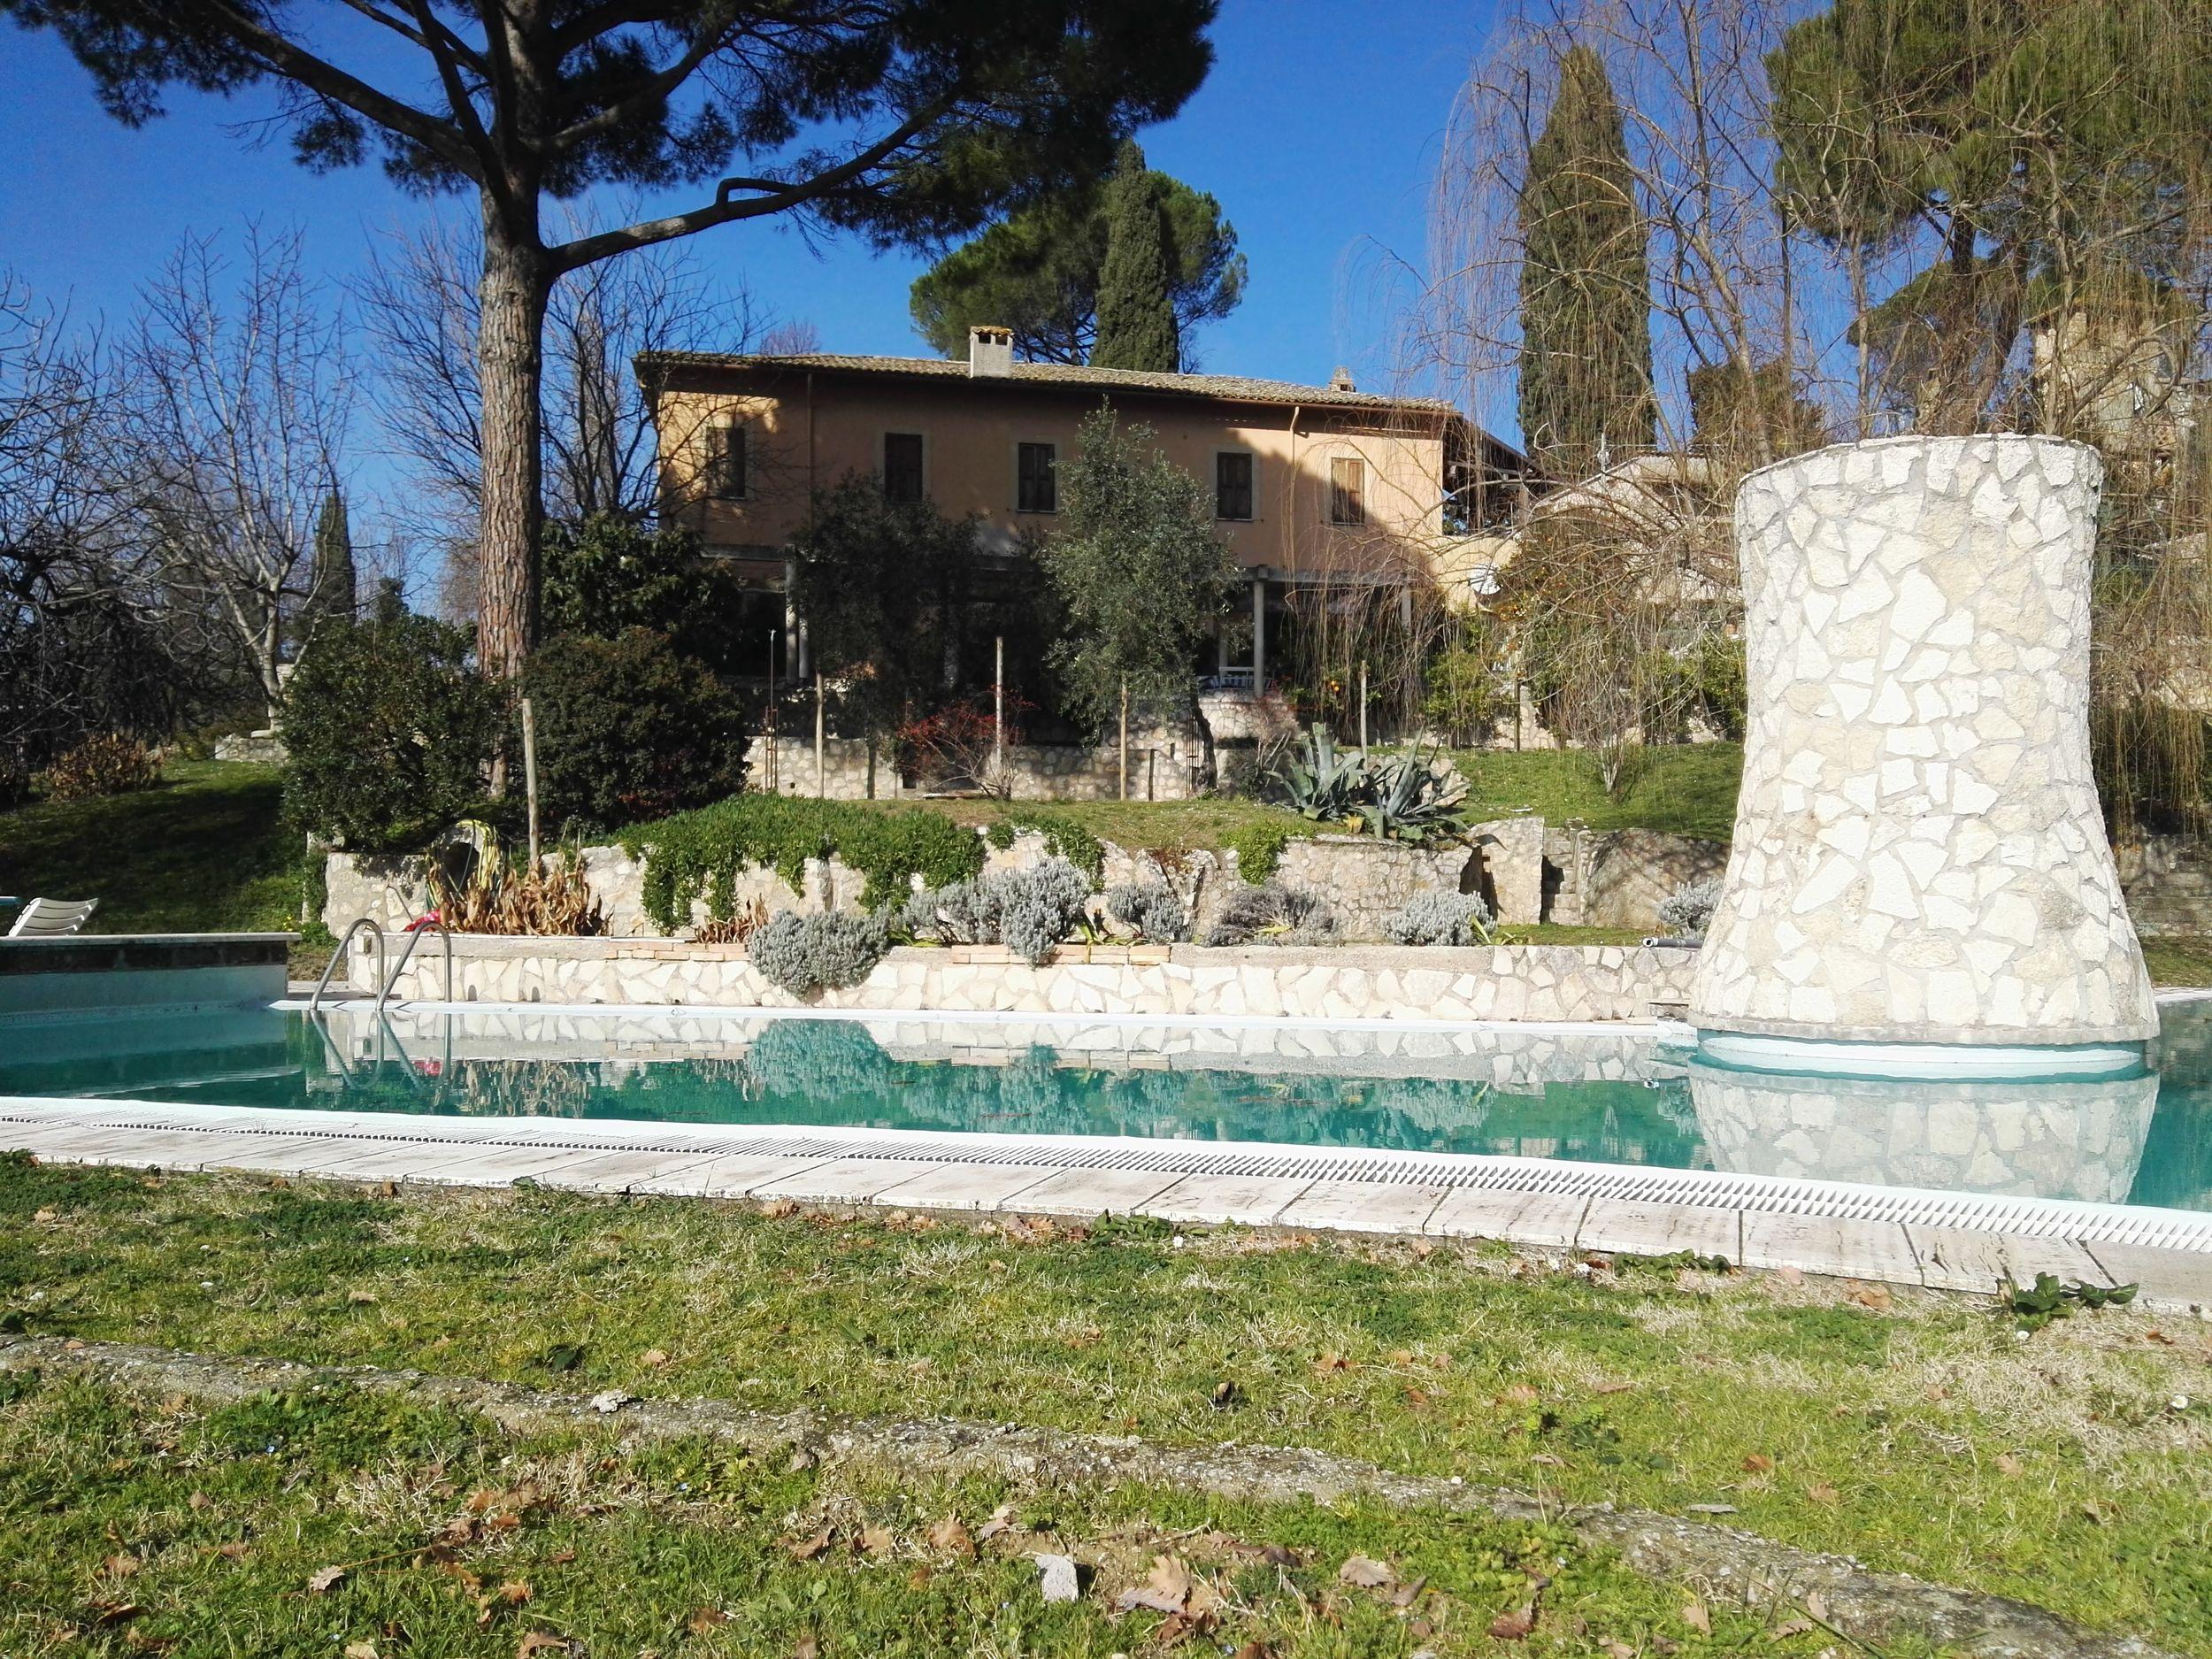 Indagini conoscitive finalizzate ad interventi di consolidamento per l'edificio di V. Fontegrotti Civ. 8,Poggio Catino (Rieti)